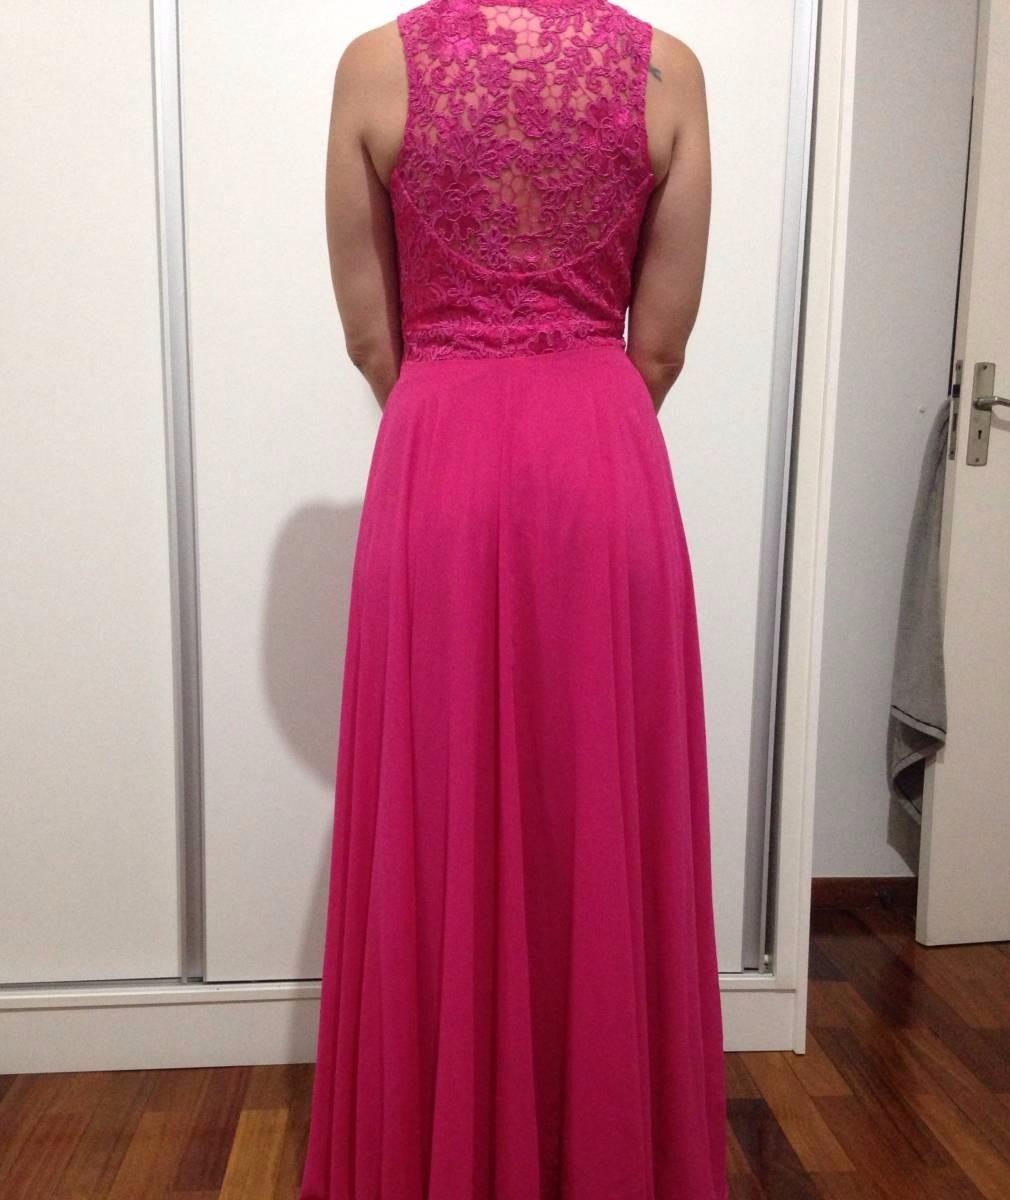 19bcef392 Vestido Rosa Pink Para Madrinha - R$ 300,00 em Mercado Livre